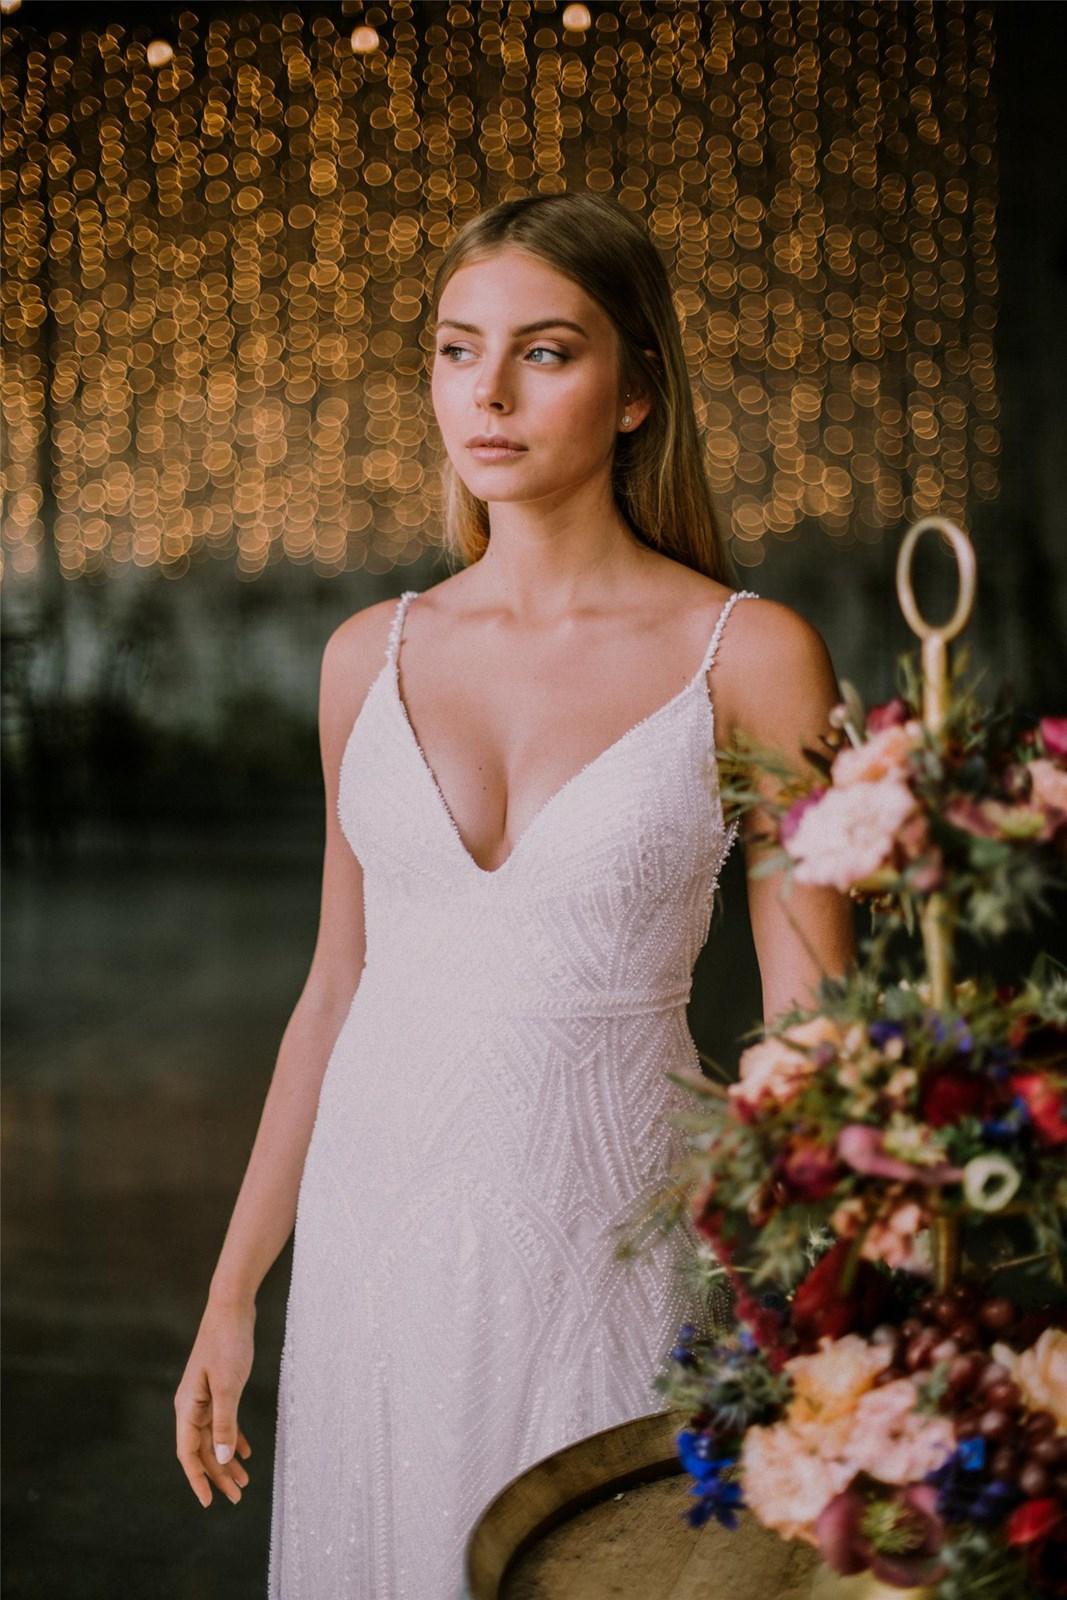 חתונה אורבנית (צילום: יניב כאדר)